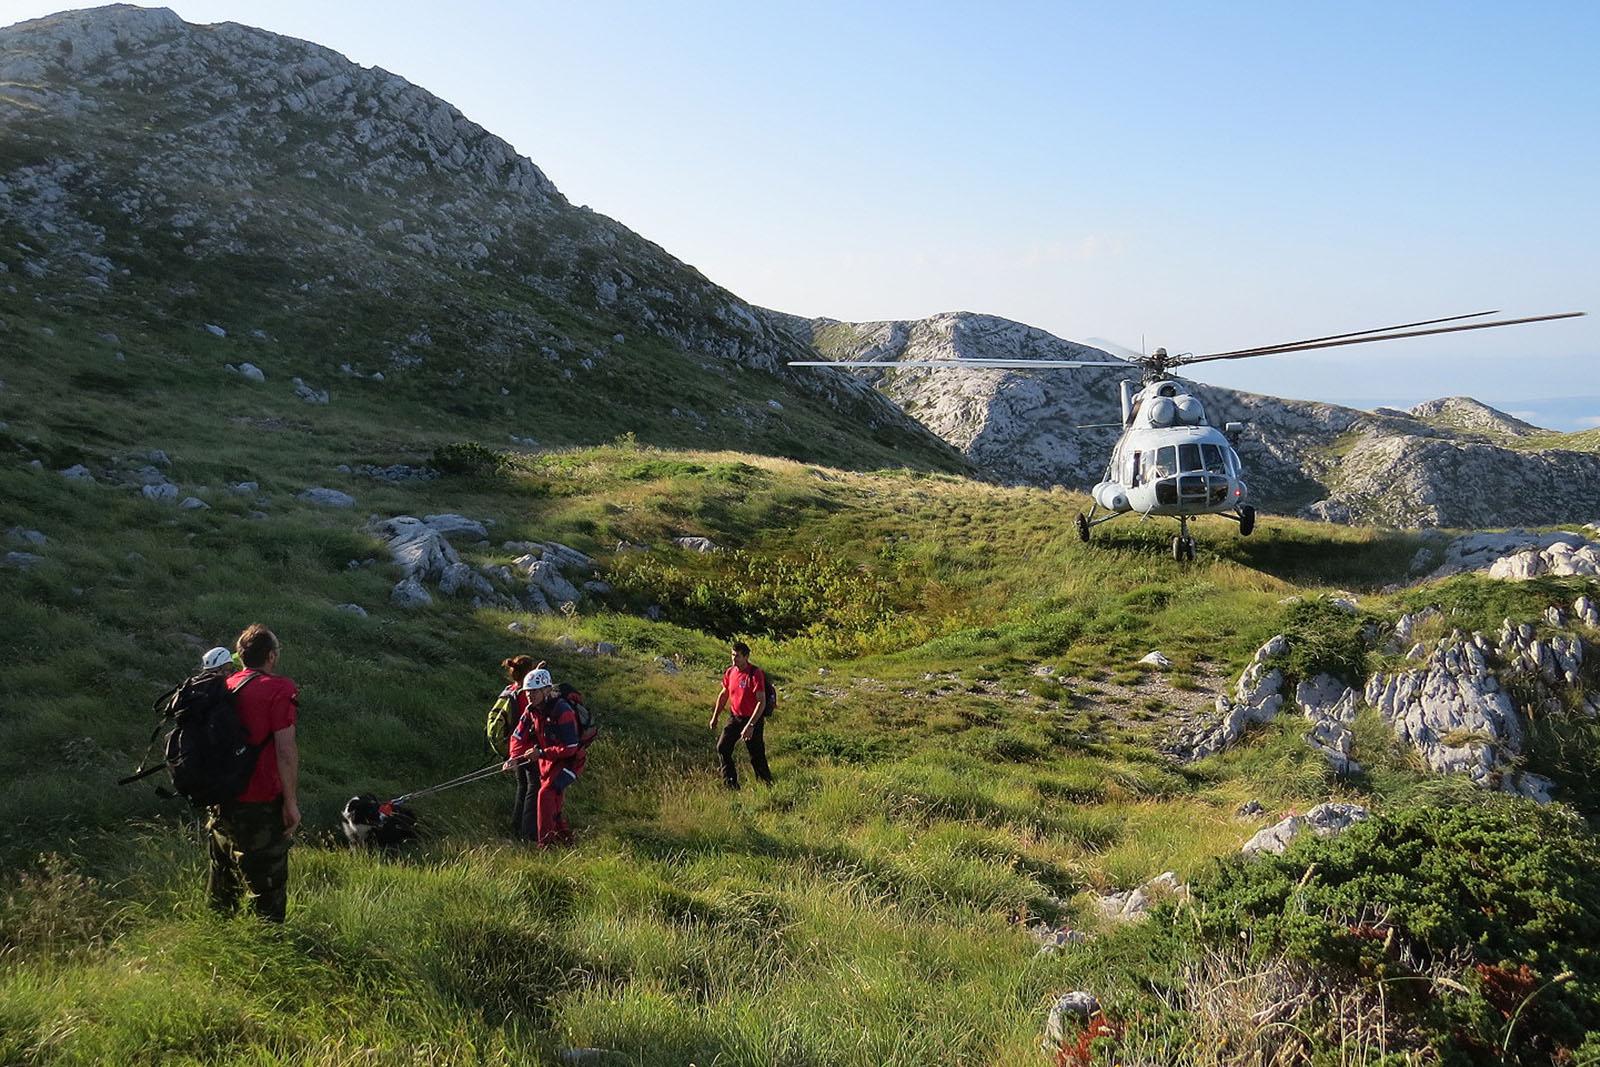 Makarska, 050714.  Drugi dan potrazne akcije HGSS-a na planini Biokovo iznad  Makarske u kojoj se traga poljskim drzavljanom koji se 3. kolovoza uputio na planinu iz mjesta Krvavica. Akcija traje od jutros, a u njoj ucestvuje 53 pripadnika GSS-a s cetri potrazna psa i helikopter HRZ-a koji je preveo 9 grupa spasioca na planinu dok su tri grupe pretrazivale nize djelove. U potrazi ucestvuju stanice GSS-a Makarska, Zadar, Sibenik, Split, Orebic, Dubrovnik, Gospic i Cakovec.  Na fotografiji: Pripadnci GSS-a u potraznoj akciji na planini Biokovo.   Foto: HGSS Makarska